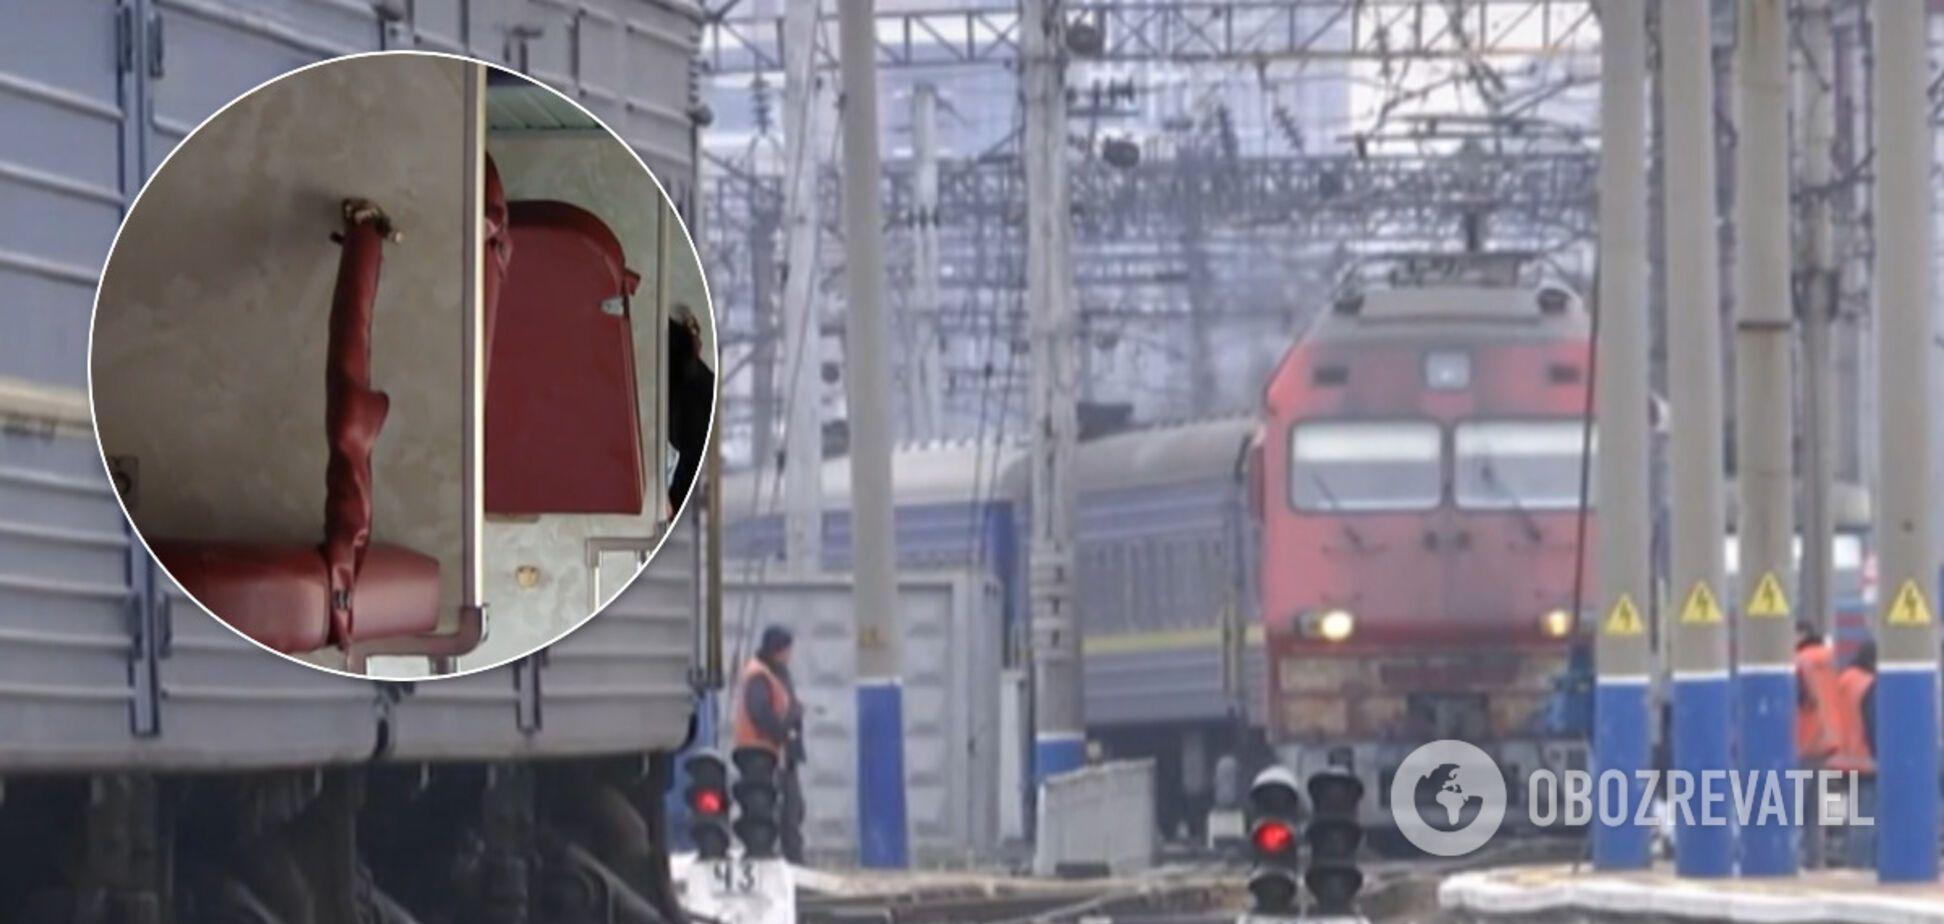 В поезде 'Укрзалізниці' женщину чуть не убила полка: появились данные о ее состоянии